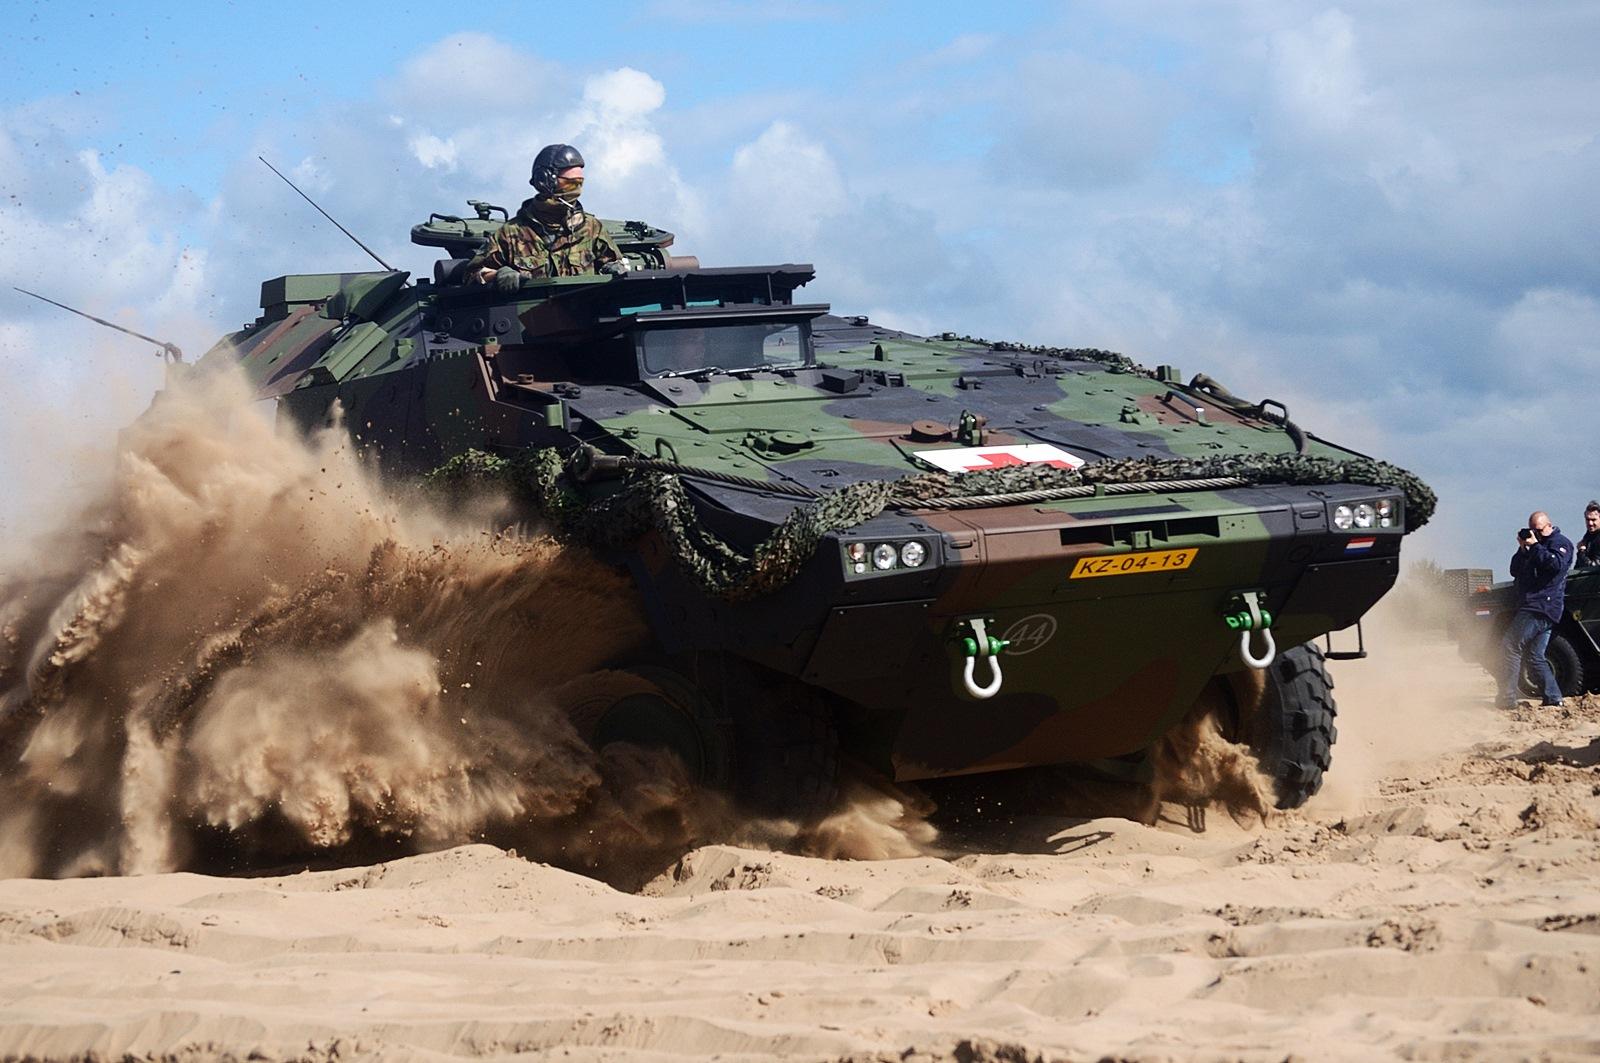 네덜란드 13 의료중대 Boxer 앰뷸런스 장갑차 기..